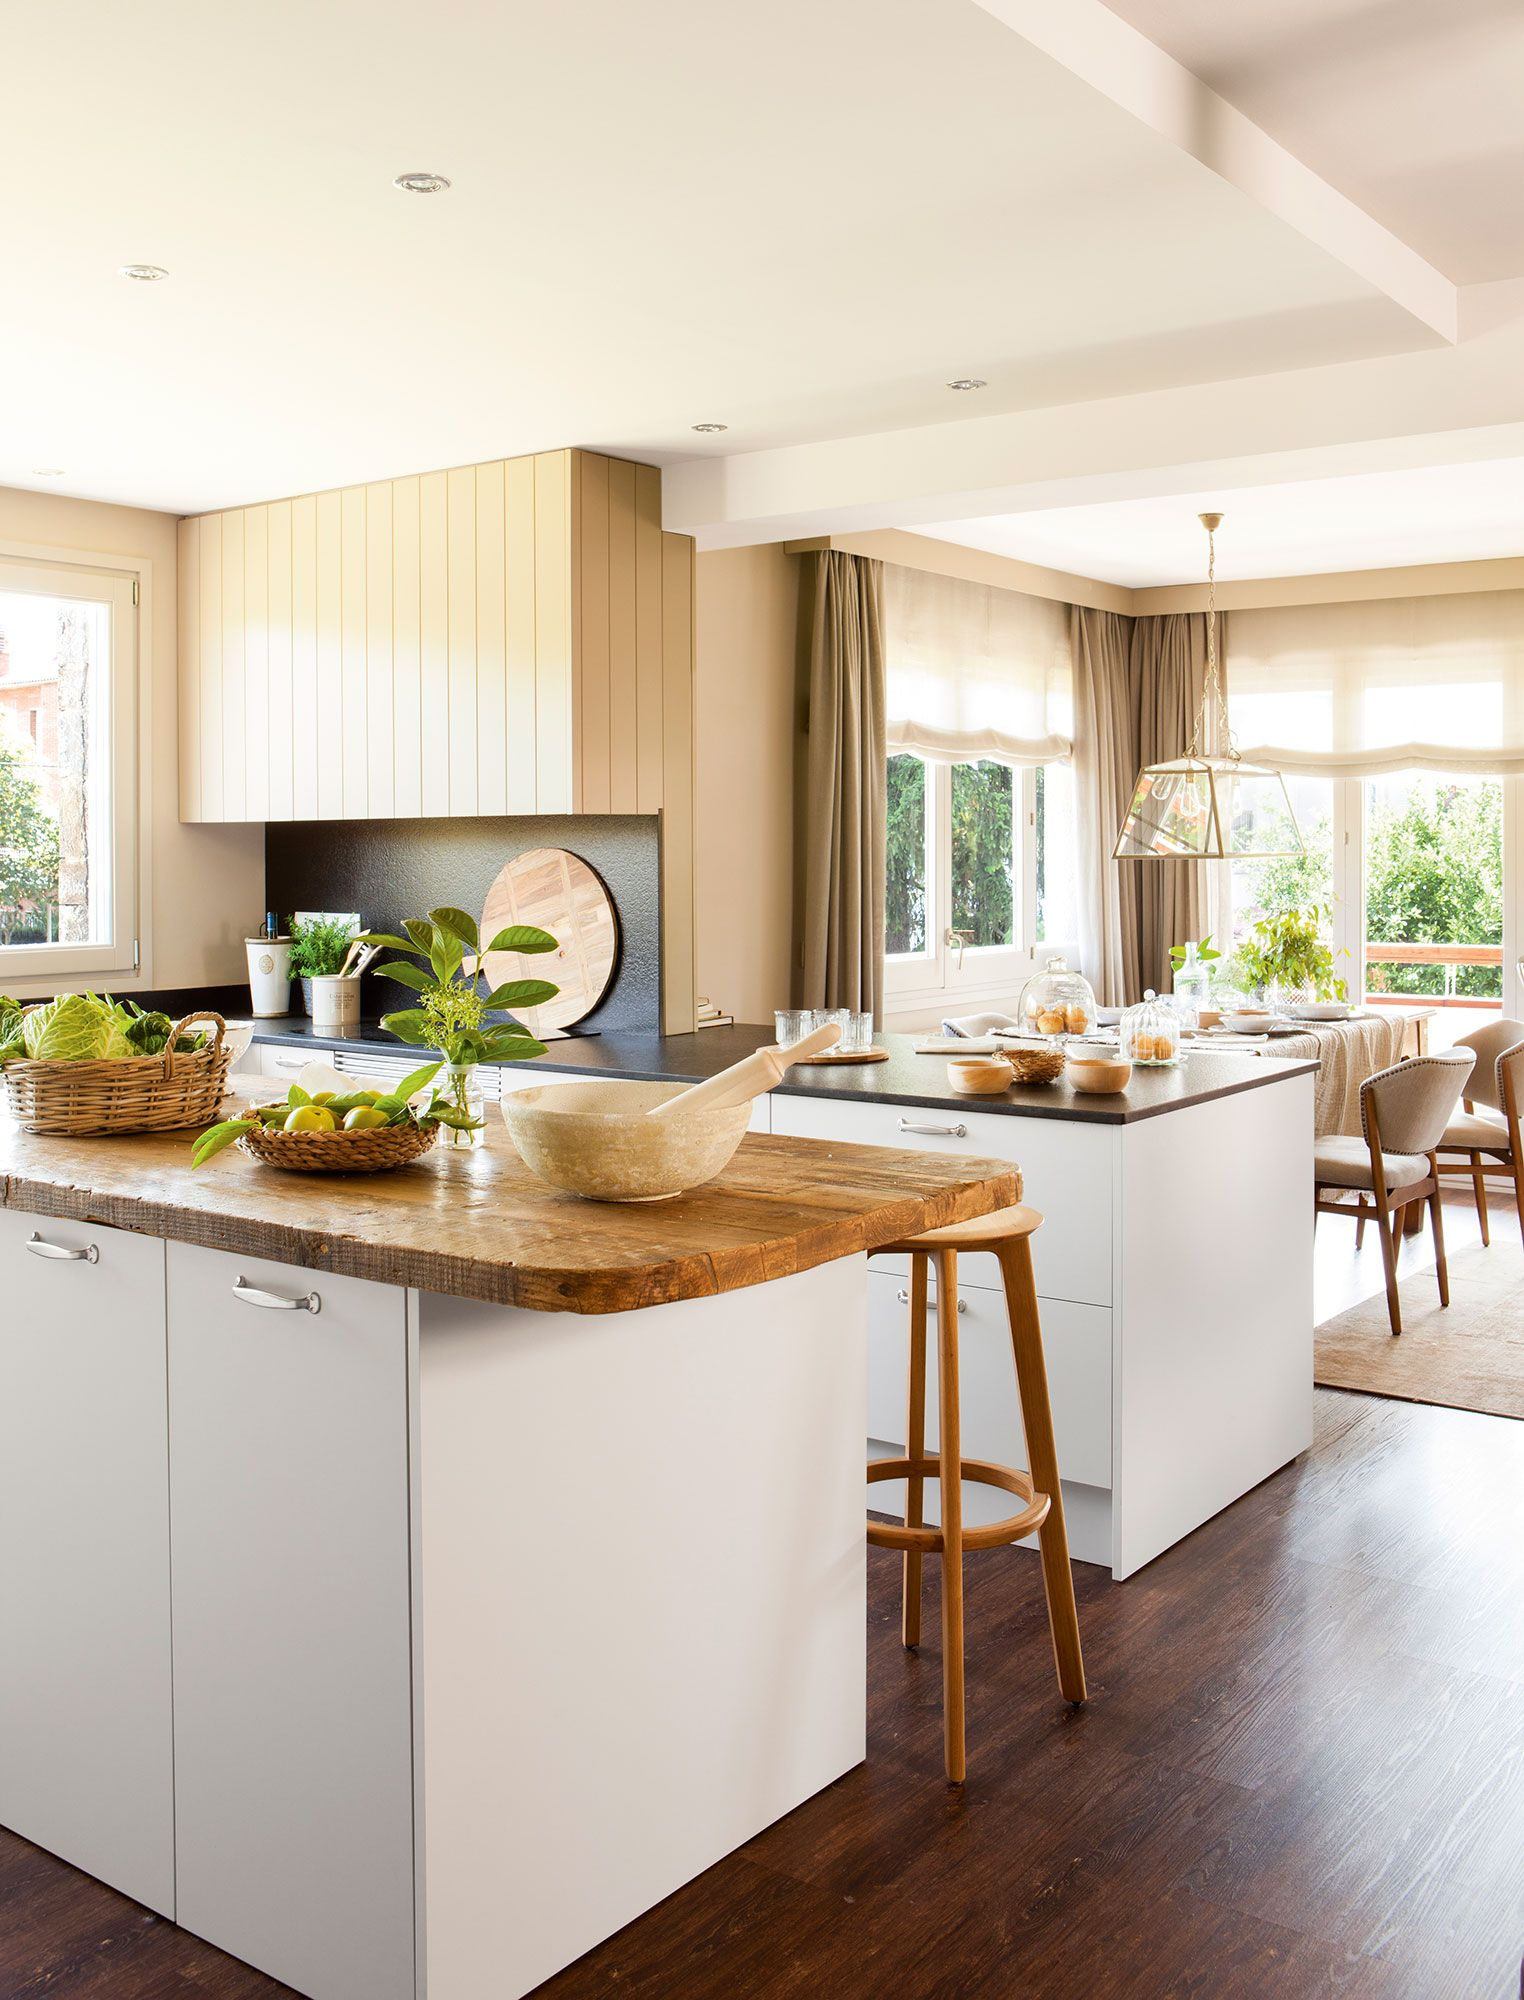 cocina abierta al comedor con muebles en blanco y encimera